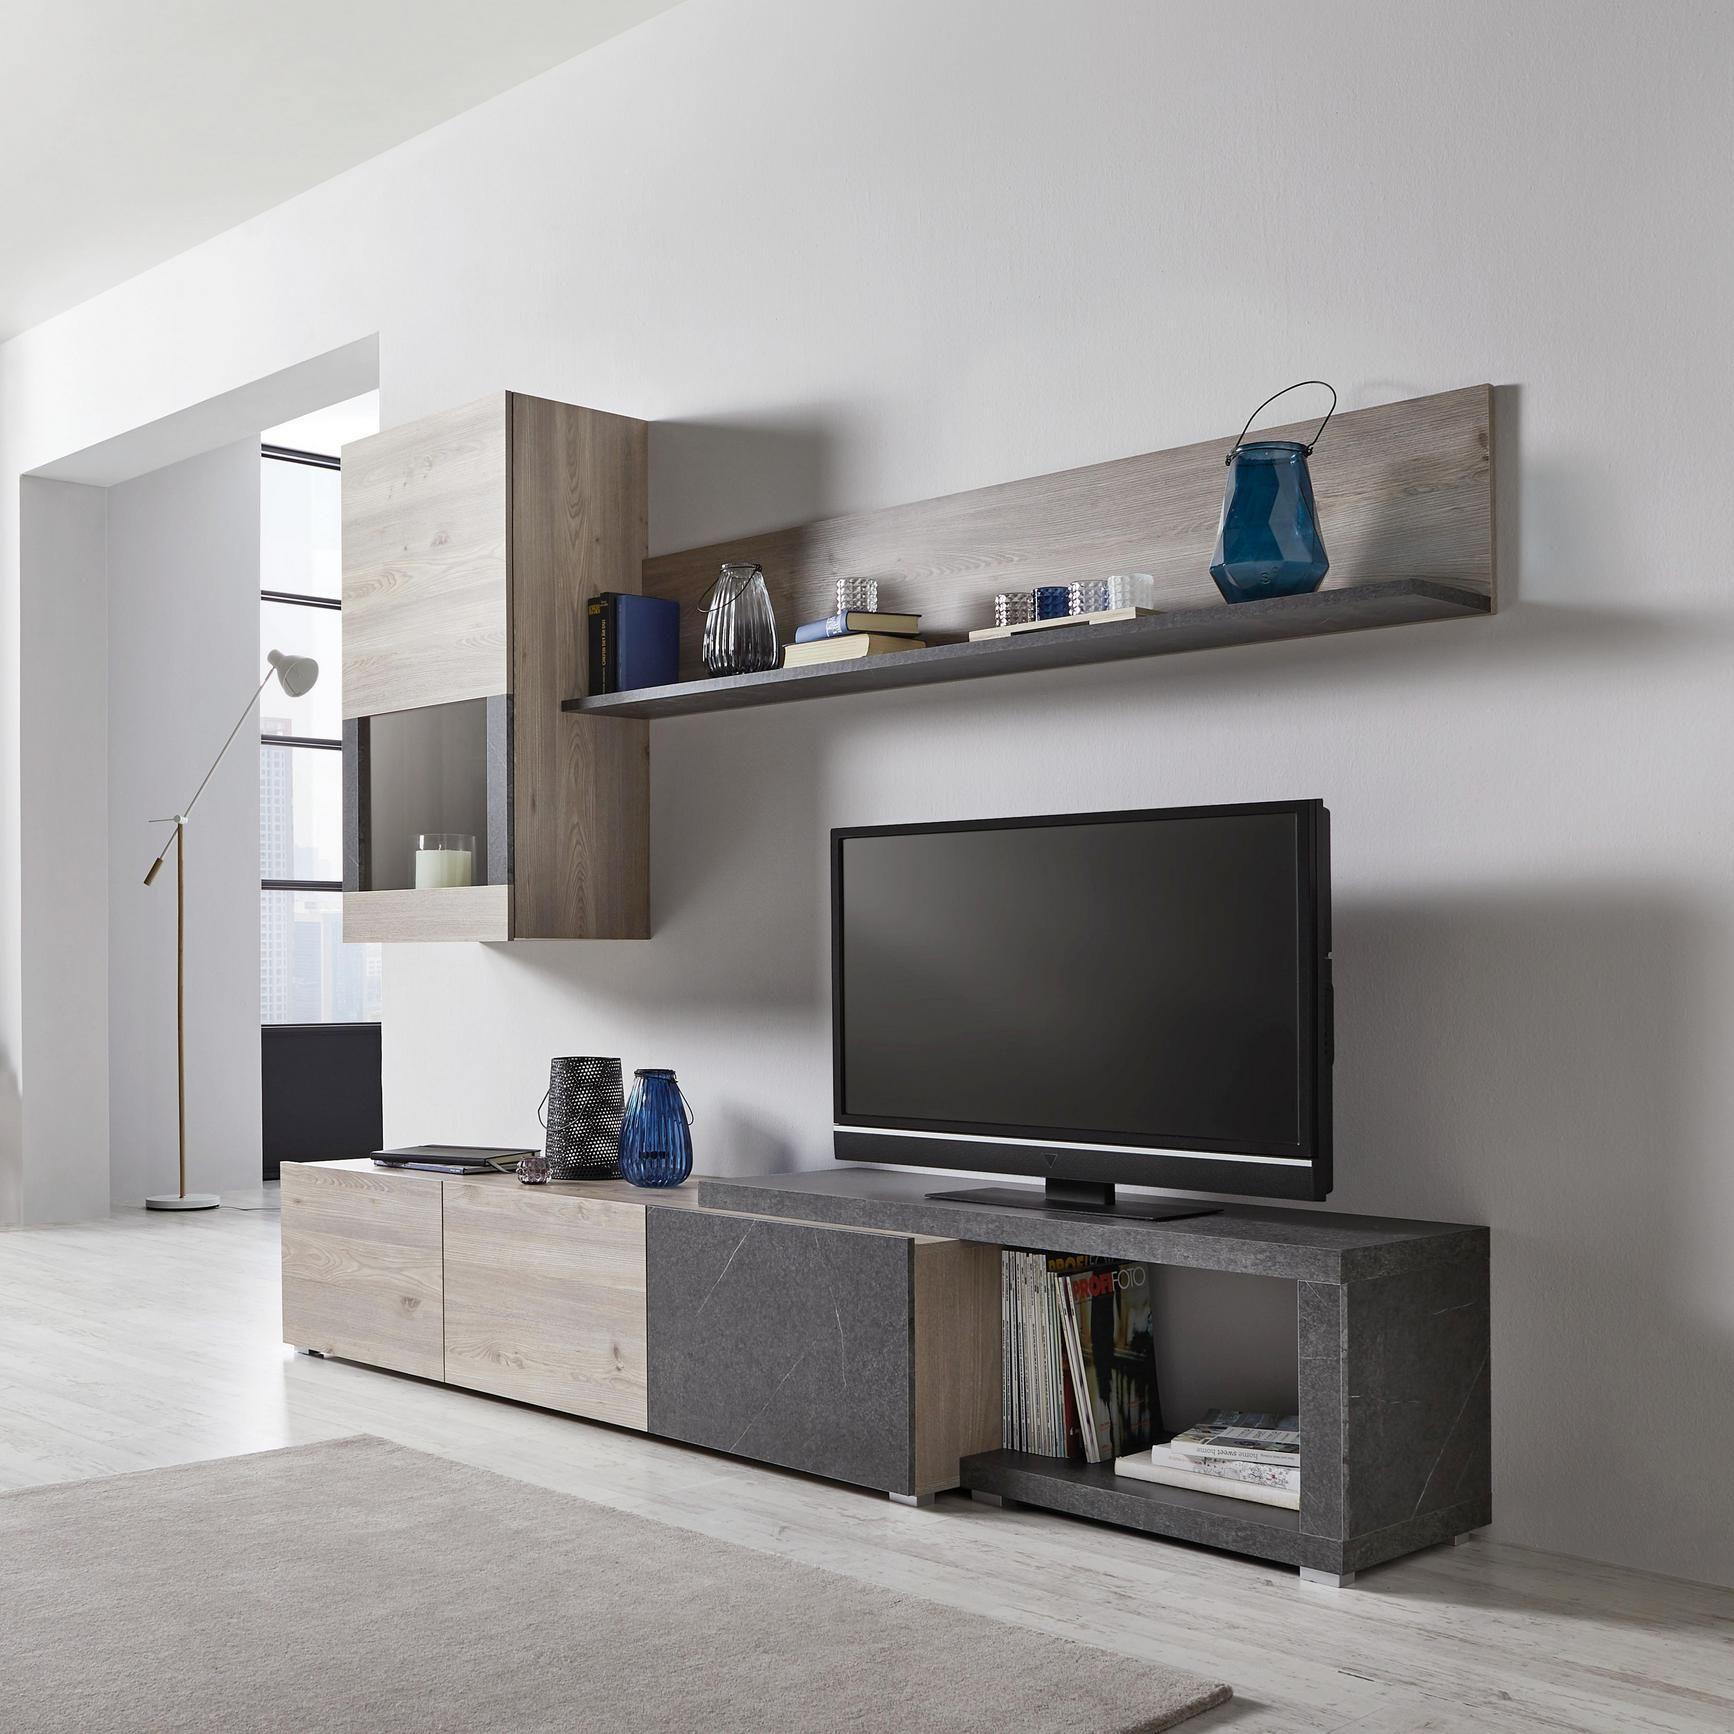 Wohnwand Two online kaufen mömax   Wohnwand kaufen, Wohnwand, Wohnzimmermöbel